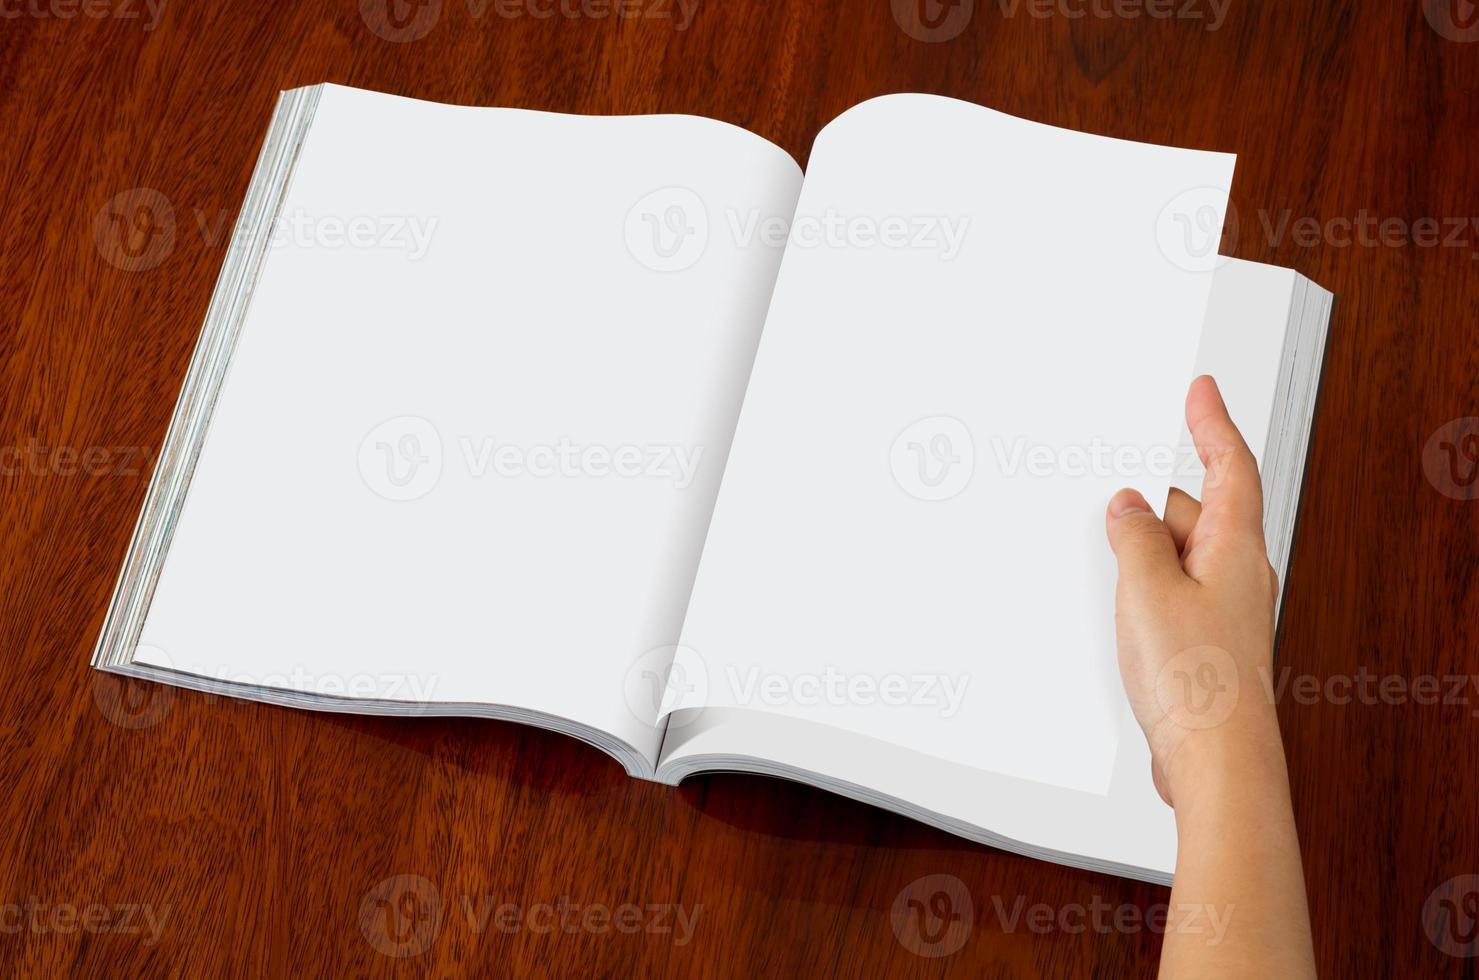 lege catalogus, tijdschriften, boek mock up op houten achtergrond foto